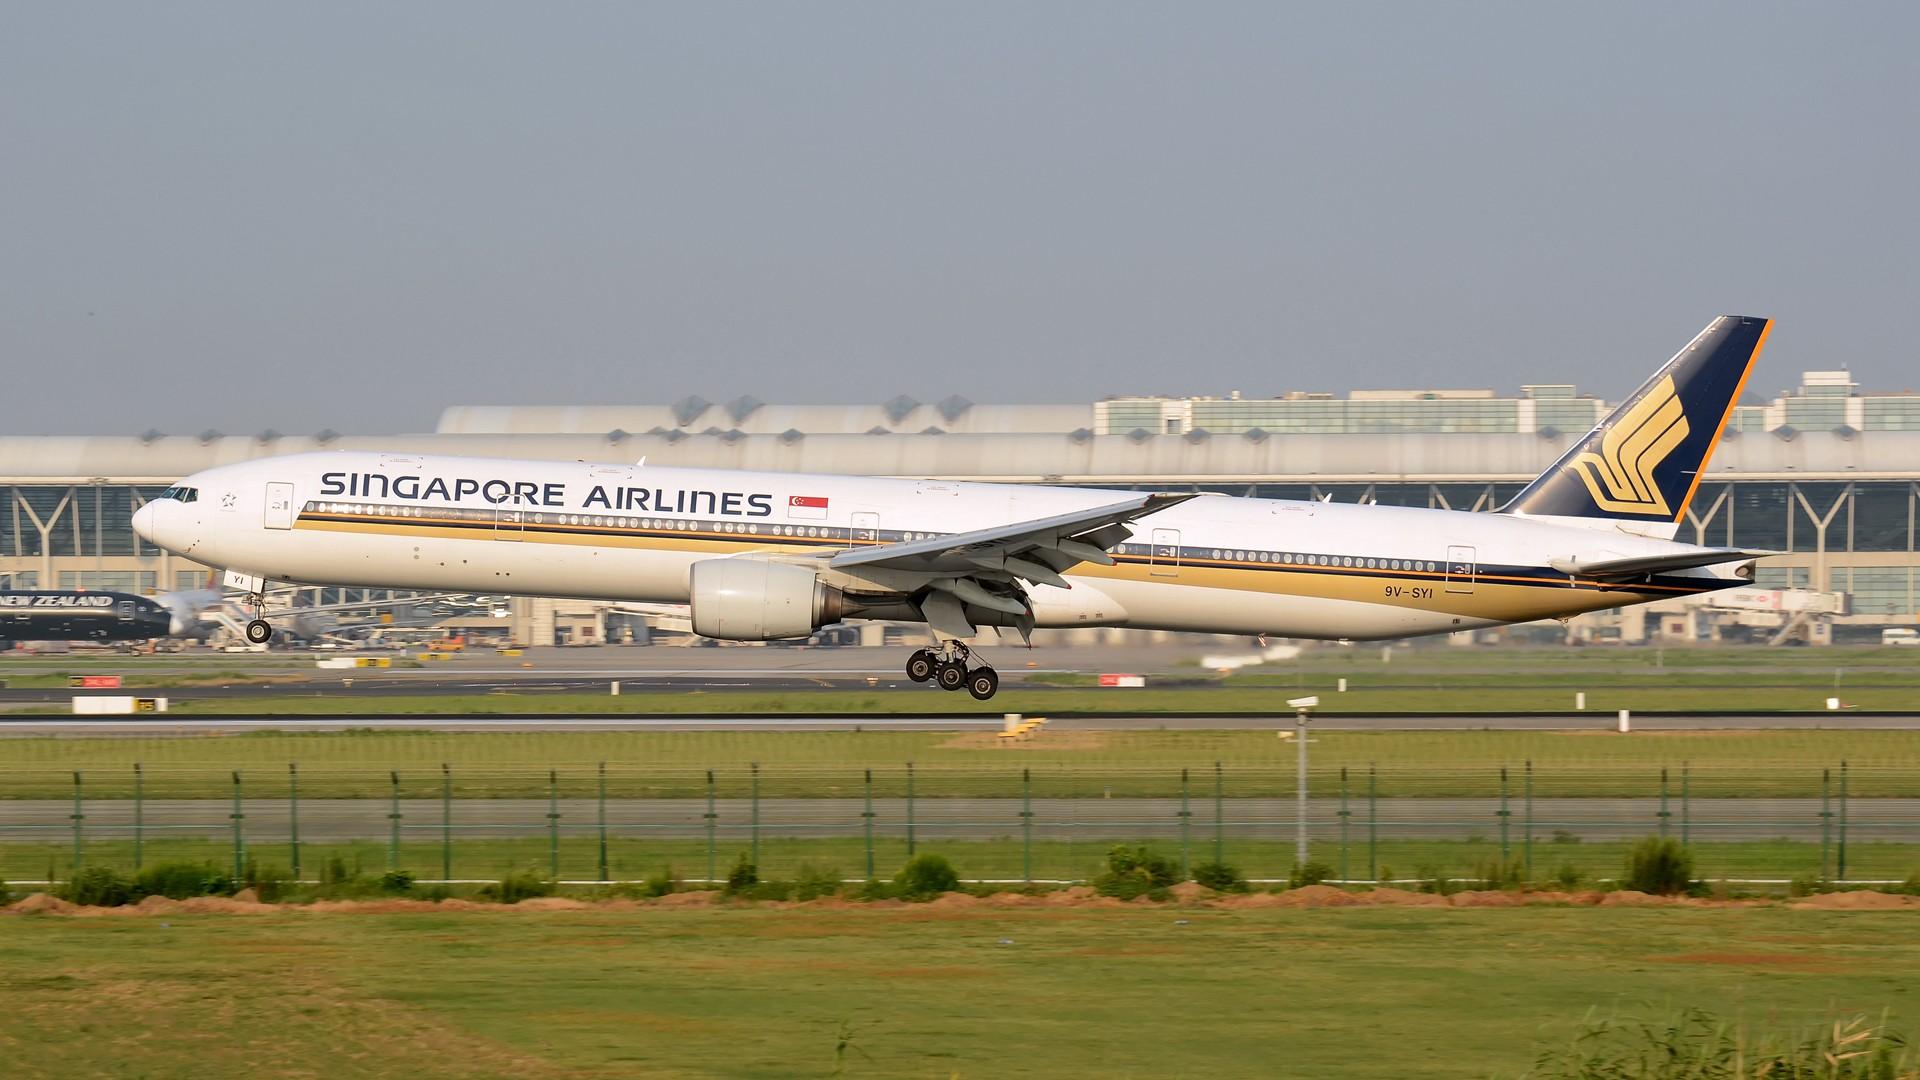 Re:[原创](1920*1080)放出一组壁纸 BOEING 777-300 9V-SKI 上海浦东国际机场